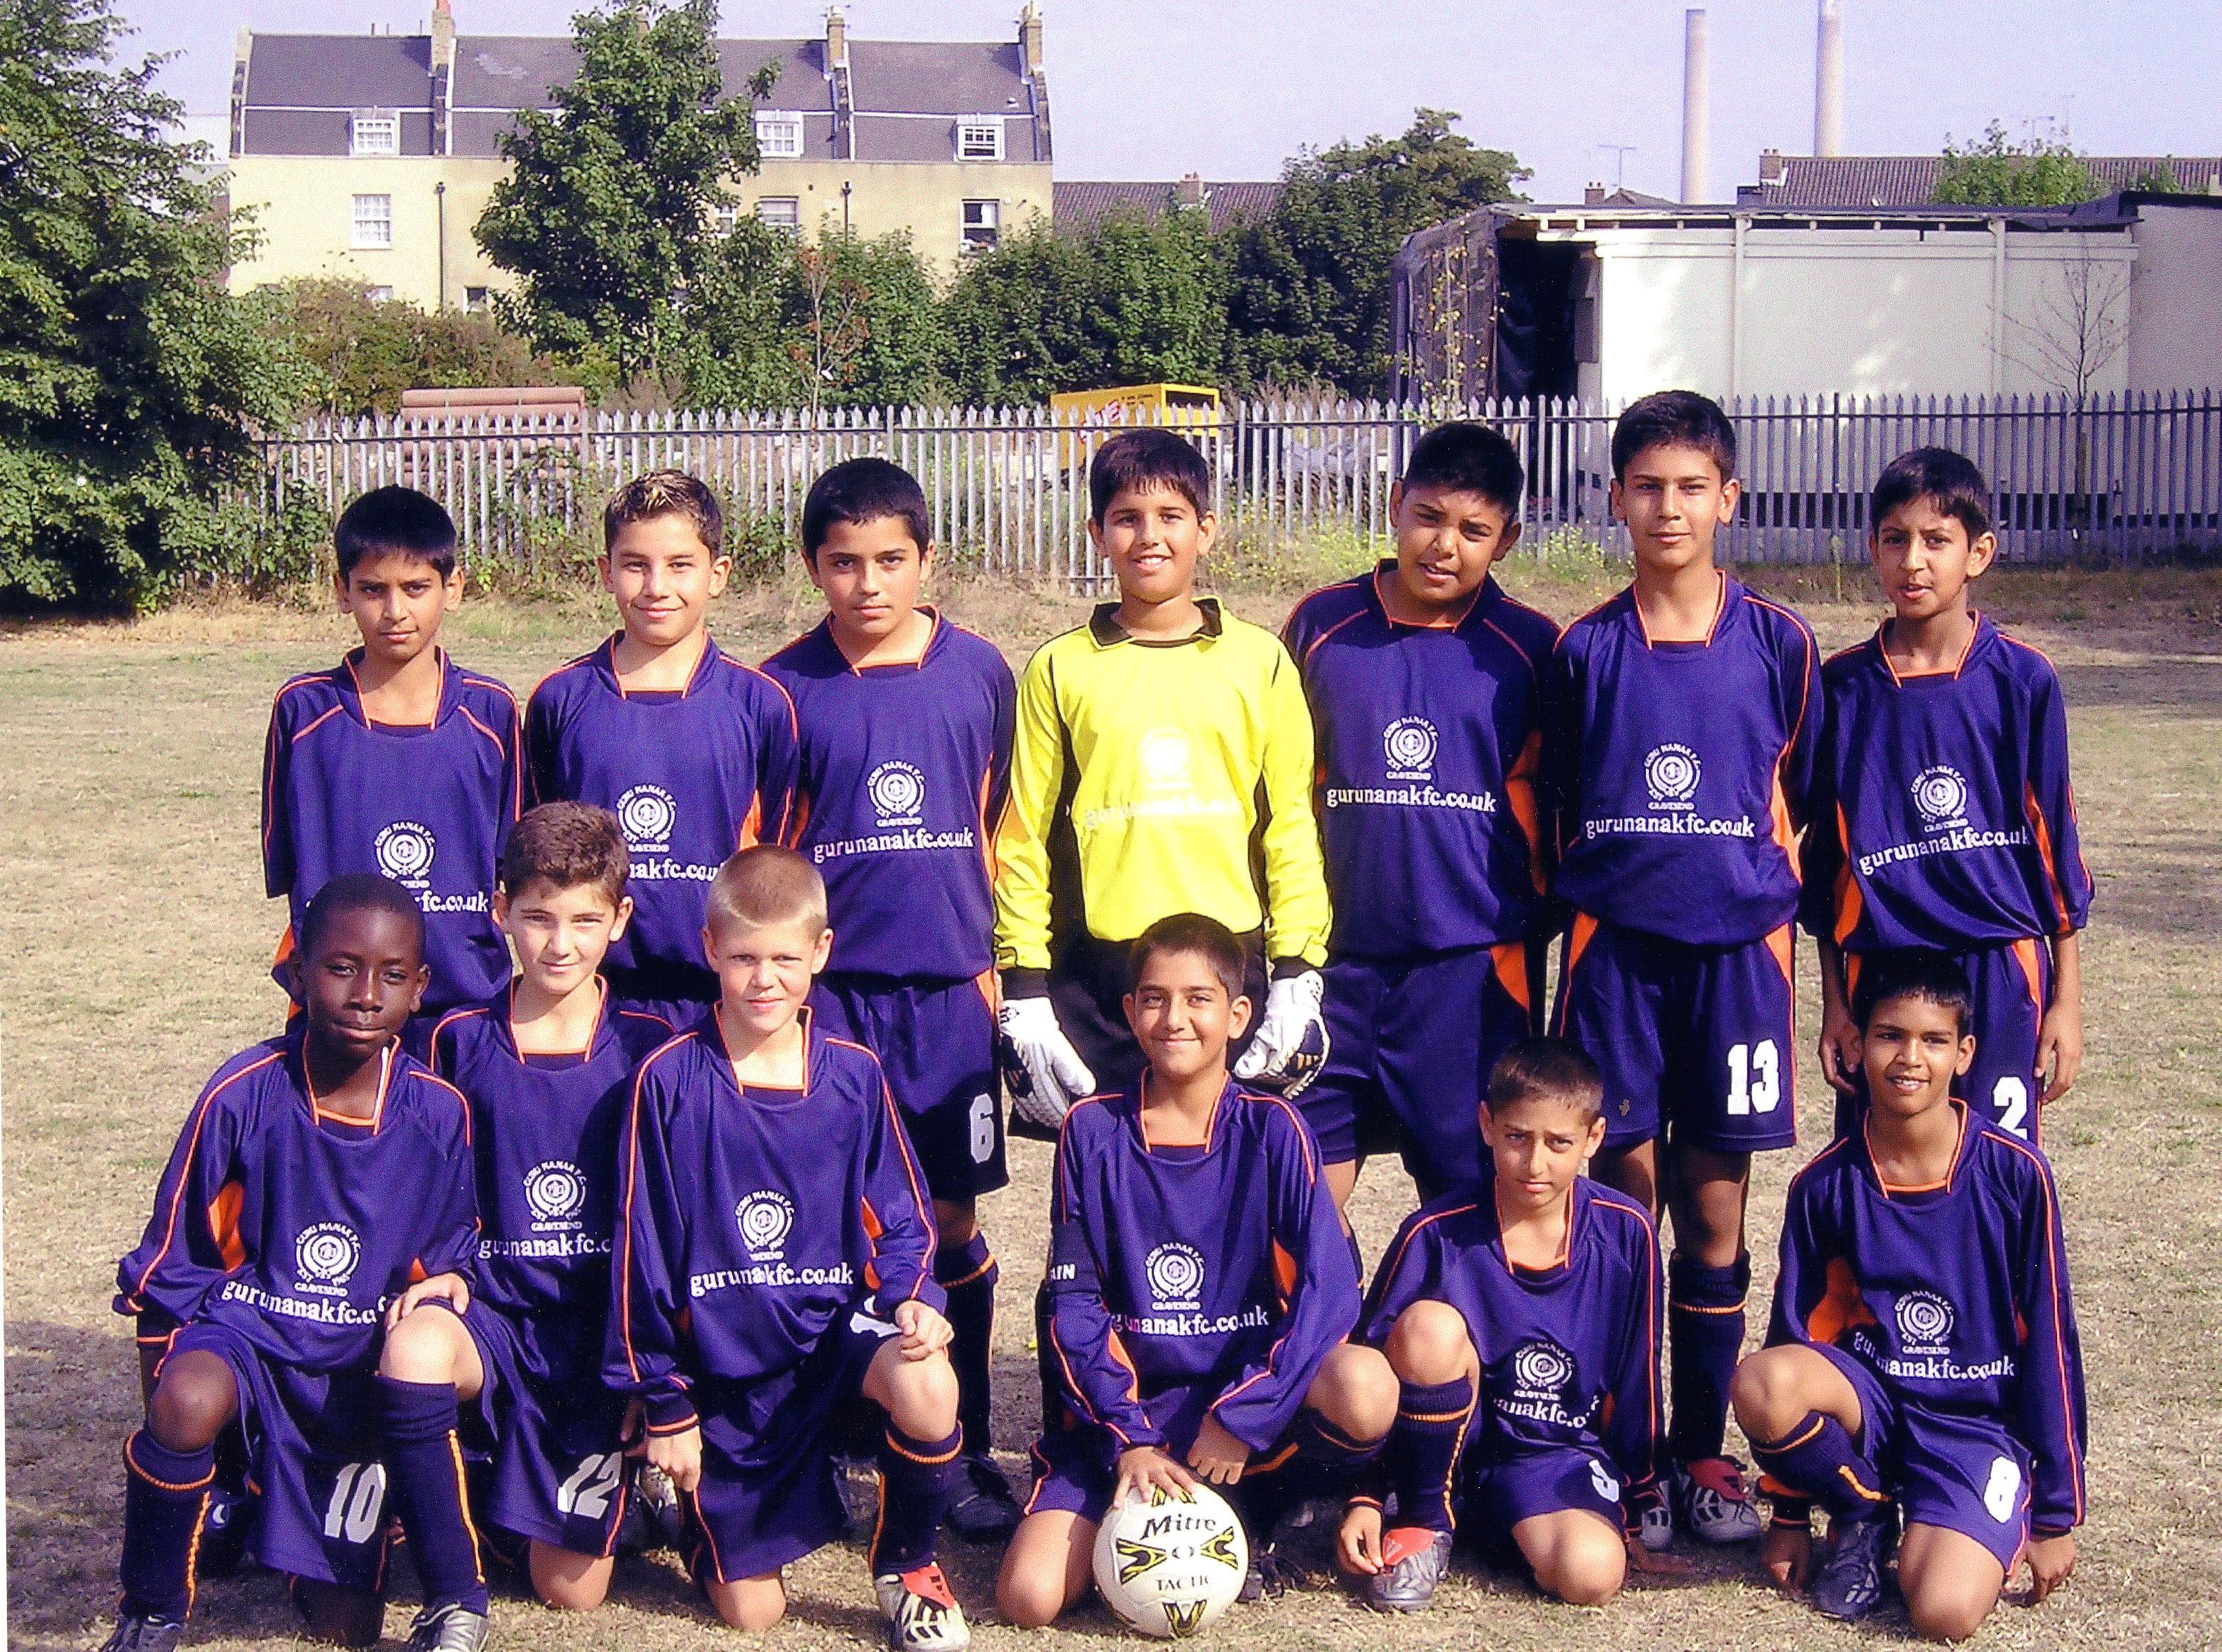 Under 12's 2003/04